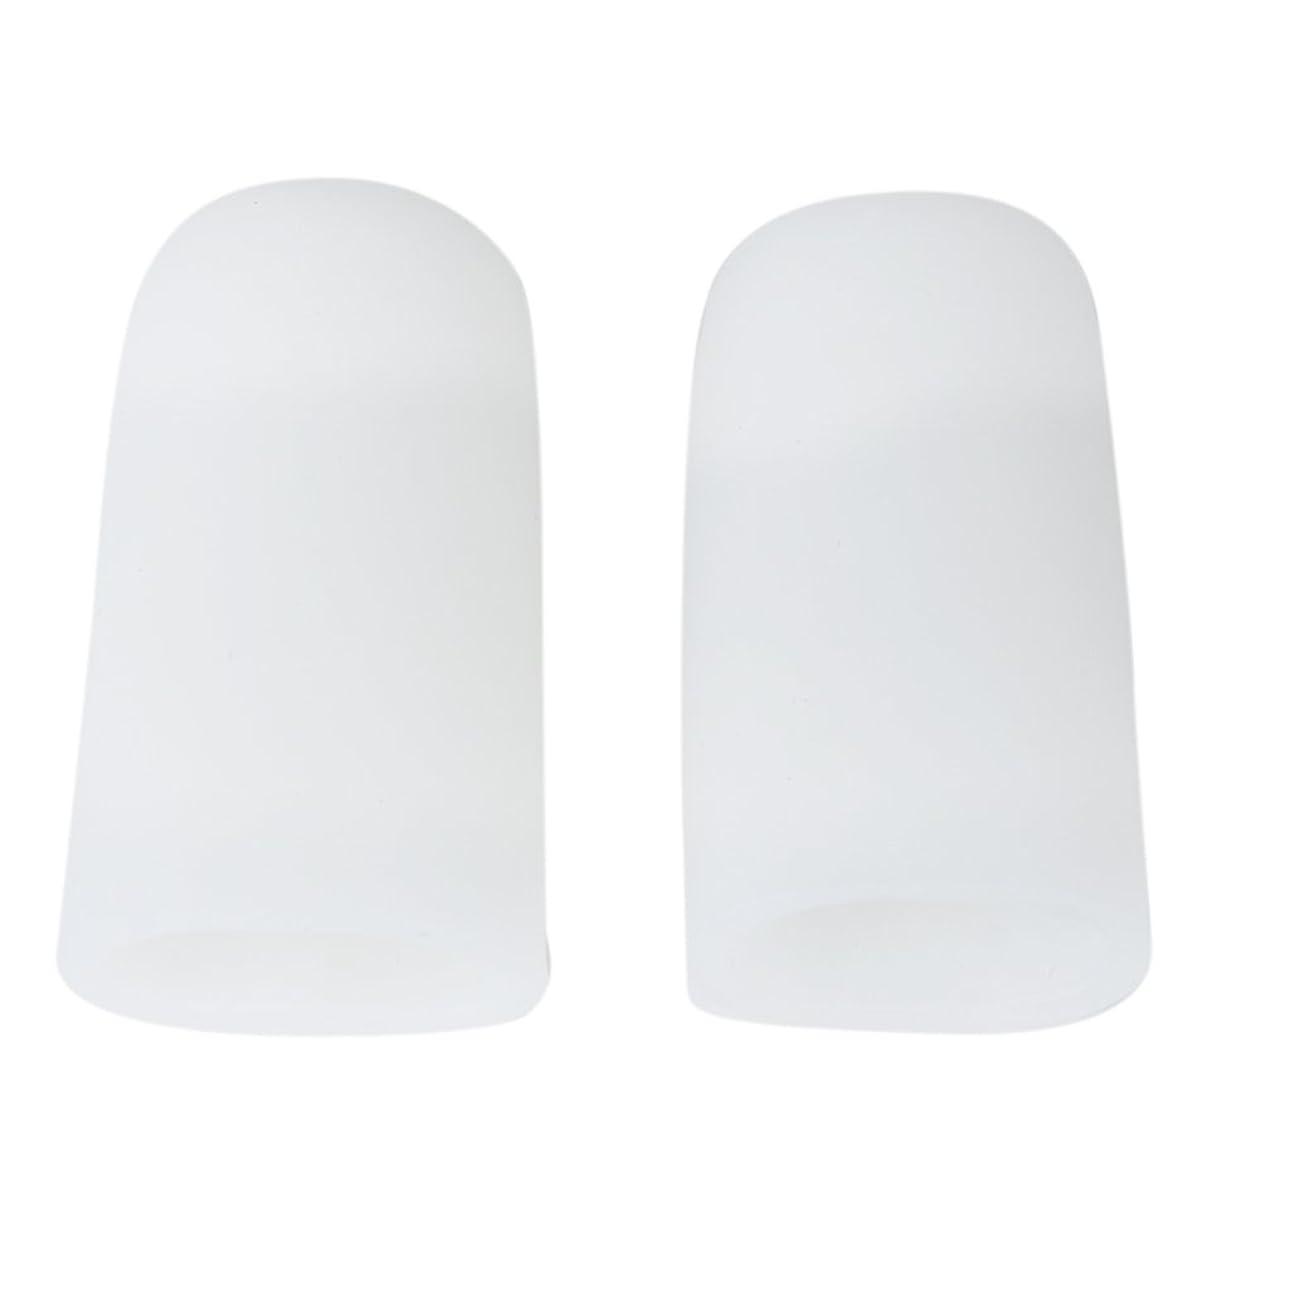 覆す覆す表面的な【Footful】足指保護キャップ つま先プロテクター 足先のつめ保護キャップ シリコン (L)